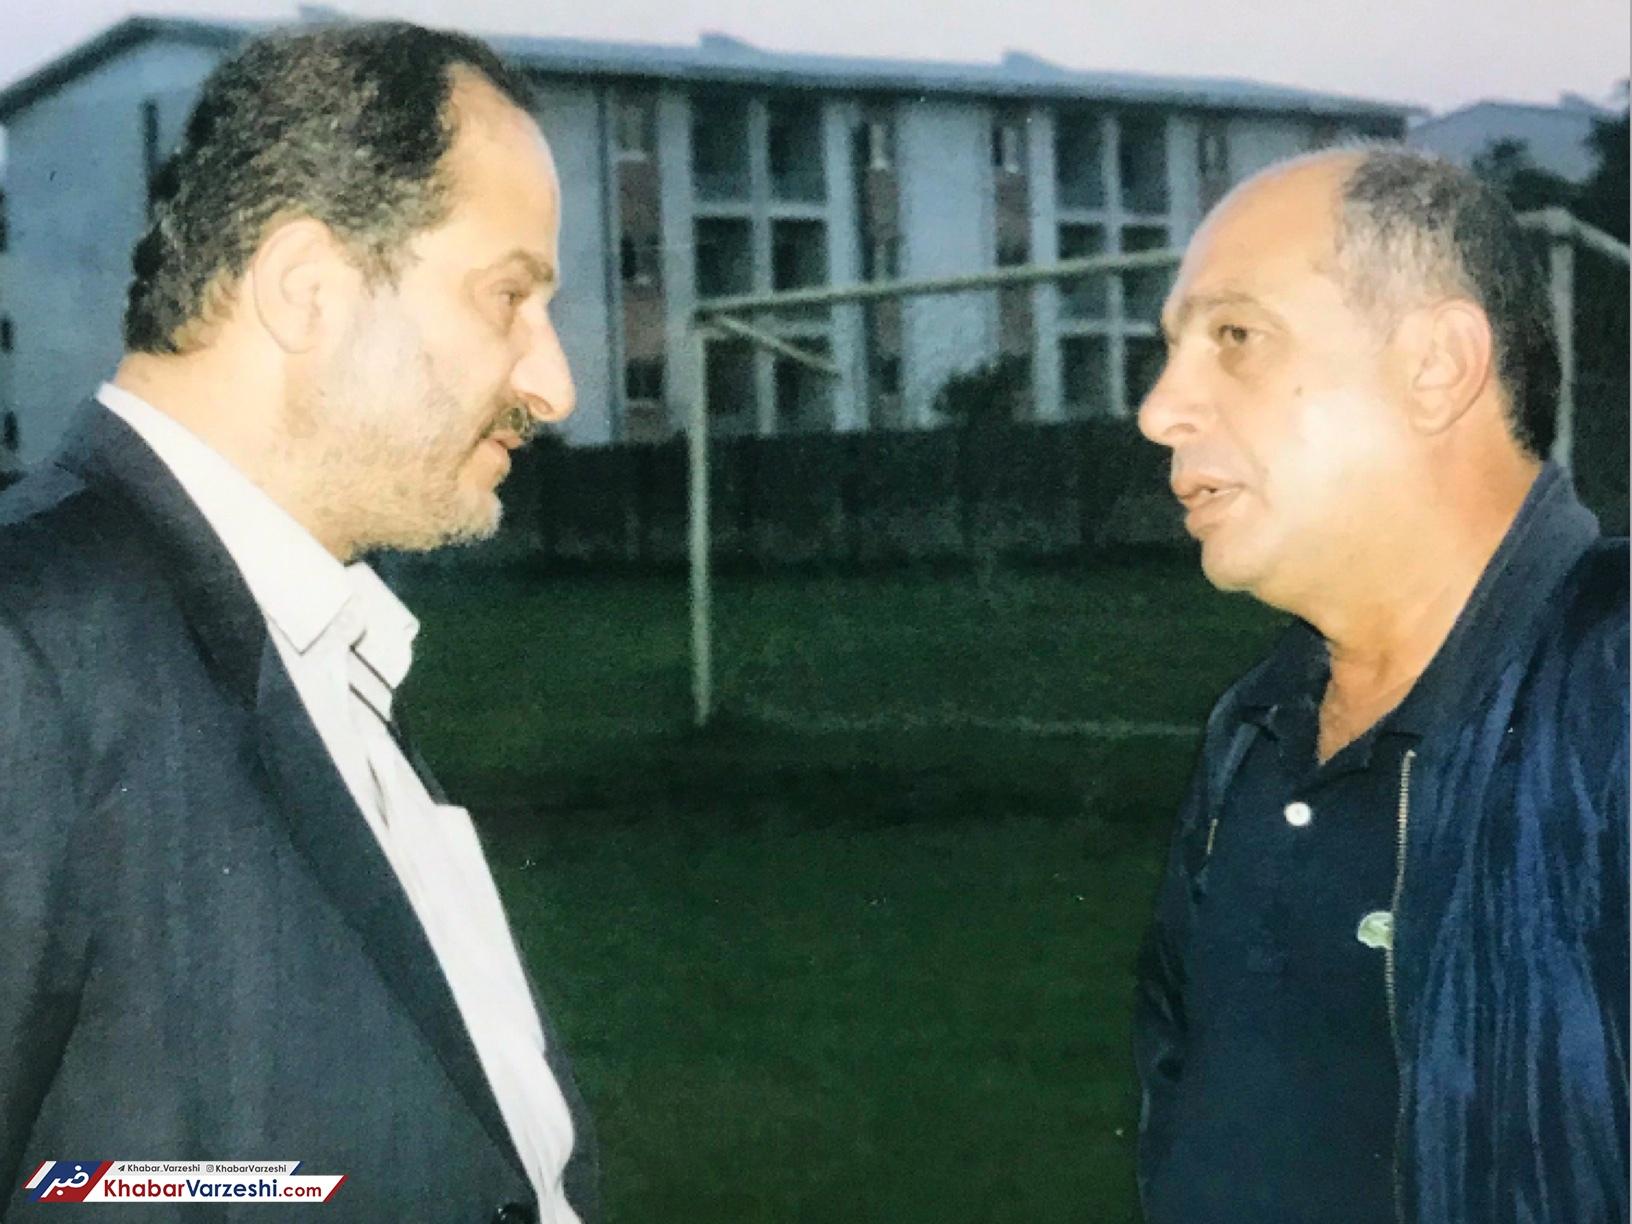 18 آبان، روز ملاقات اهالی فوتبال گیلان با ایرج زهرابی